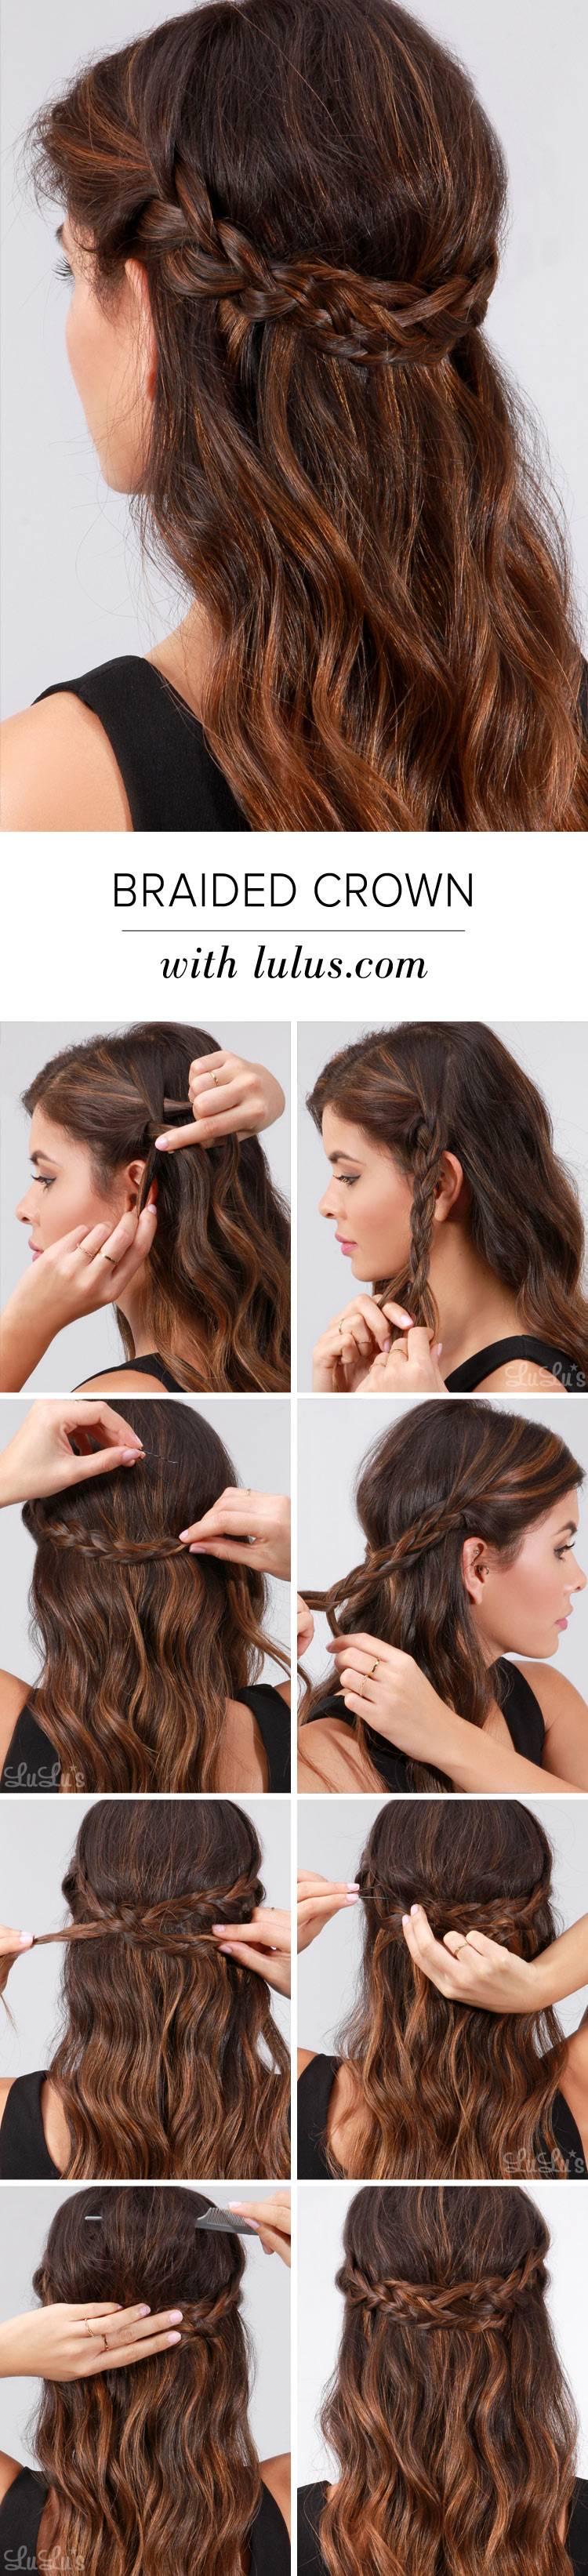 Прическа для невесты на короткие волосы